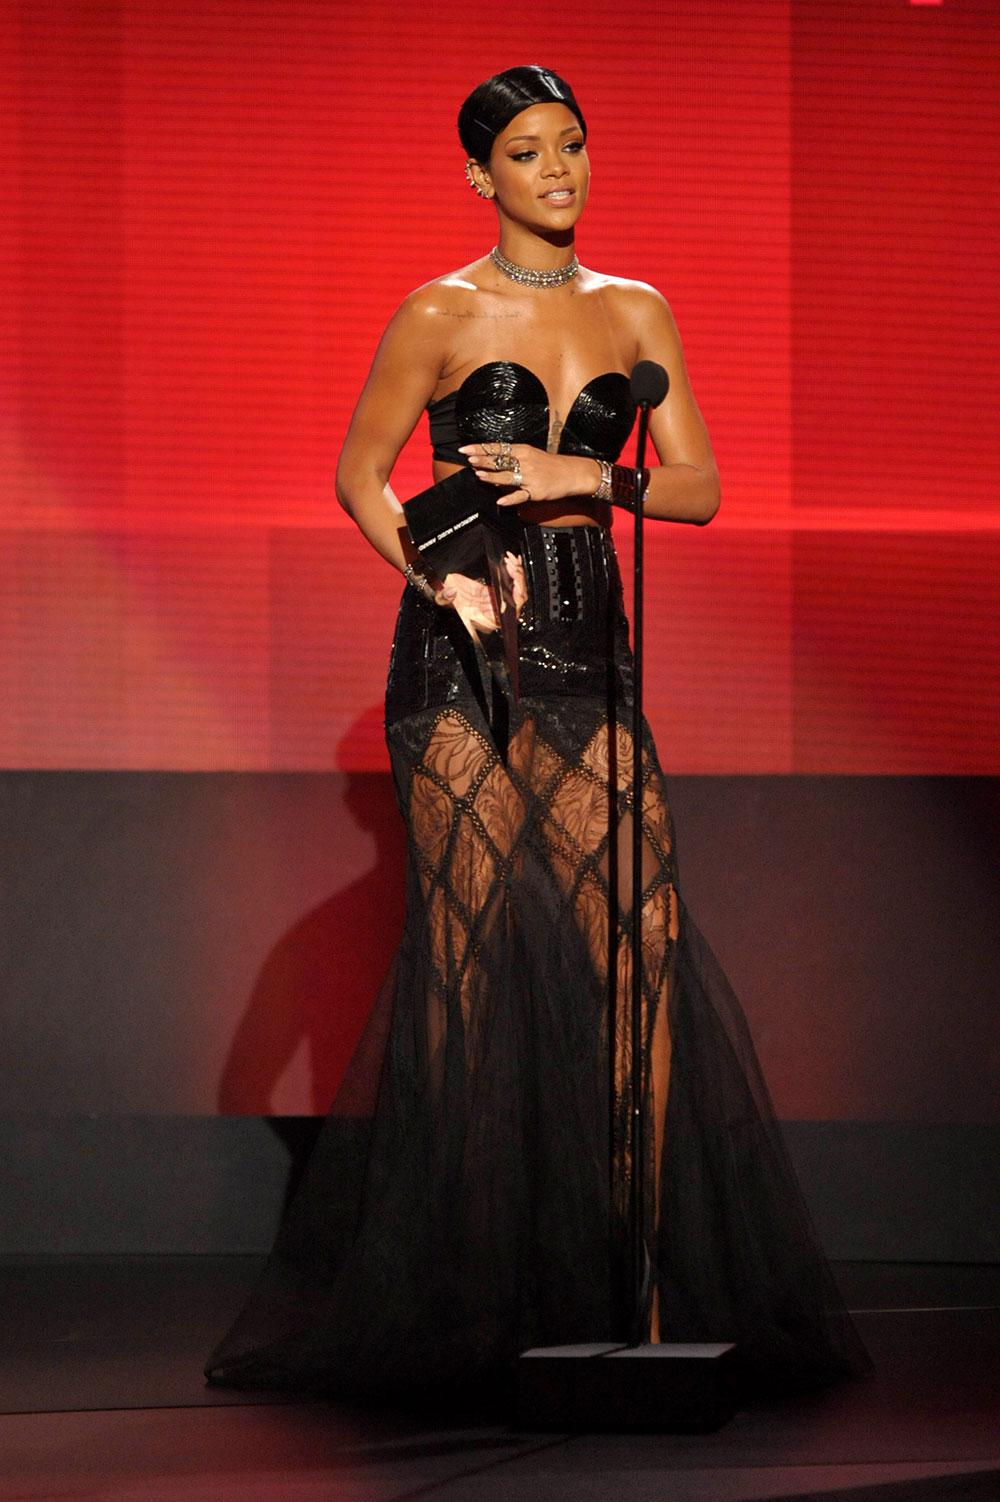 लॉस एंजिल्स के नोकिया थिएयर में फेवरिट फिमेल आर्टिस्ट का पुरस्कार जीतने के बाद गायिका रिहाना।